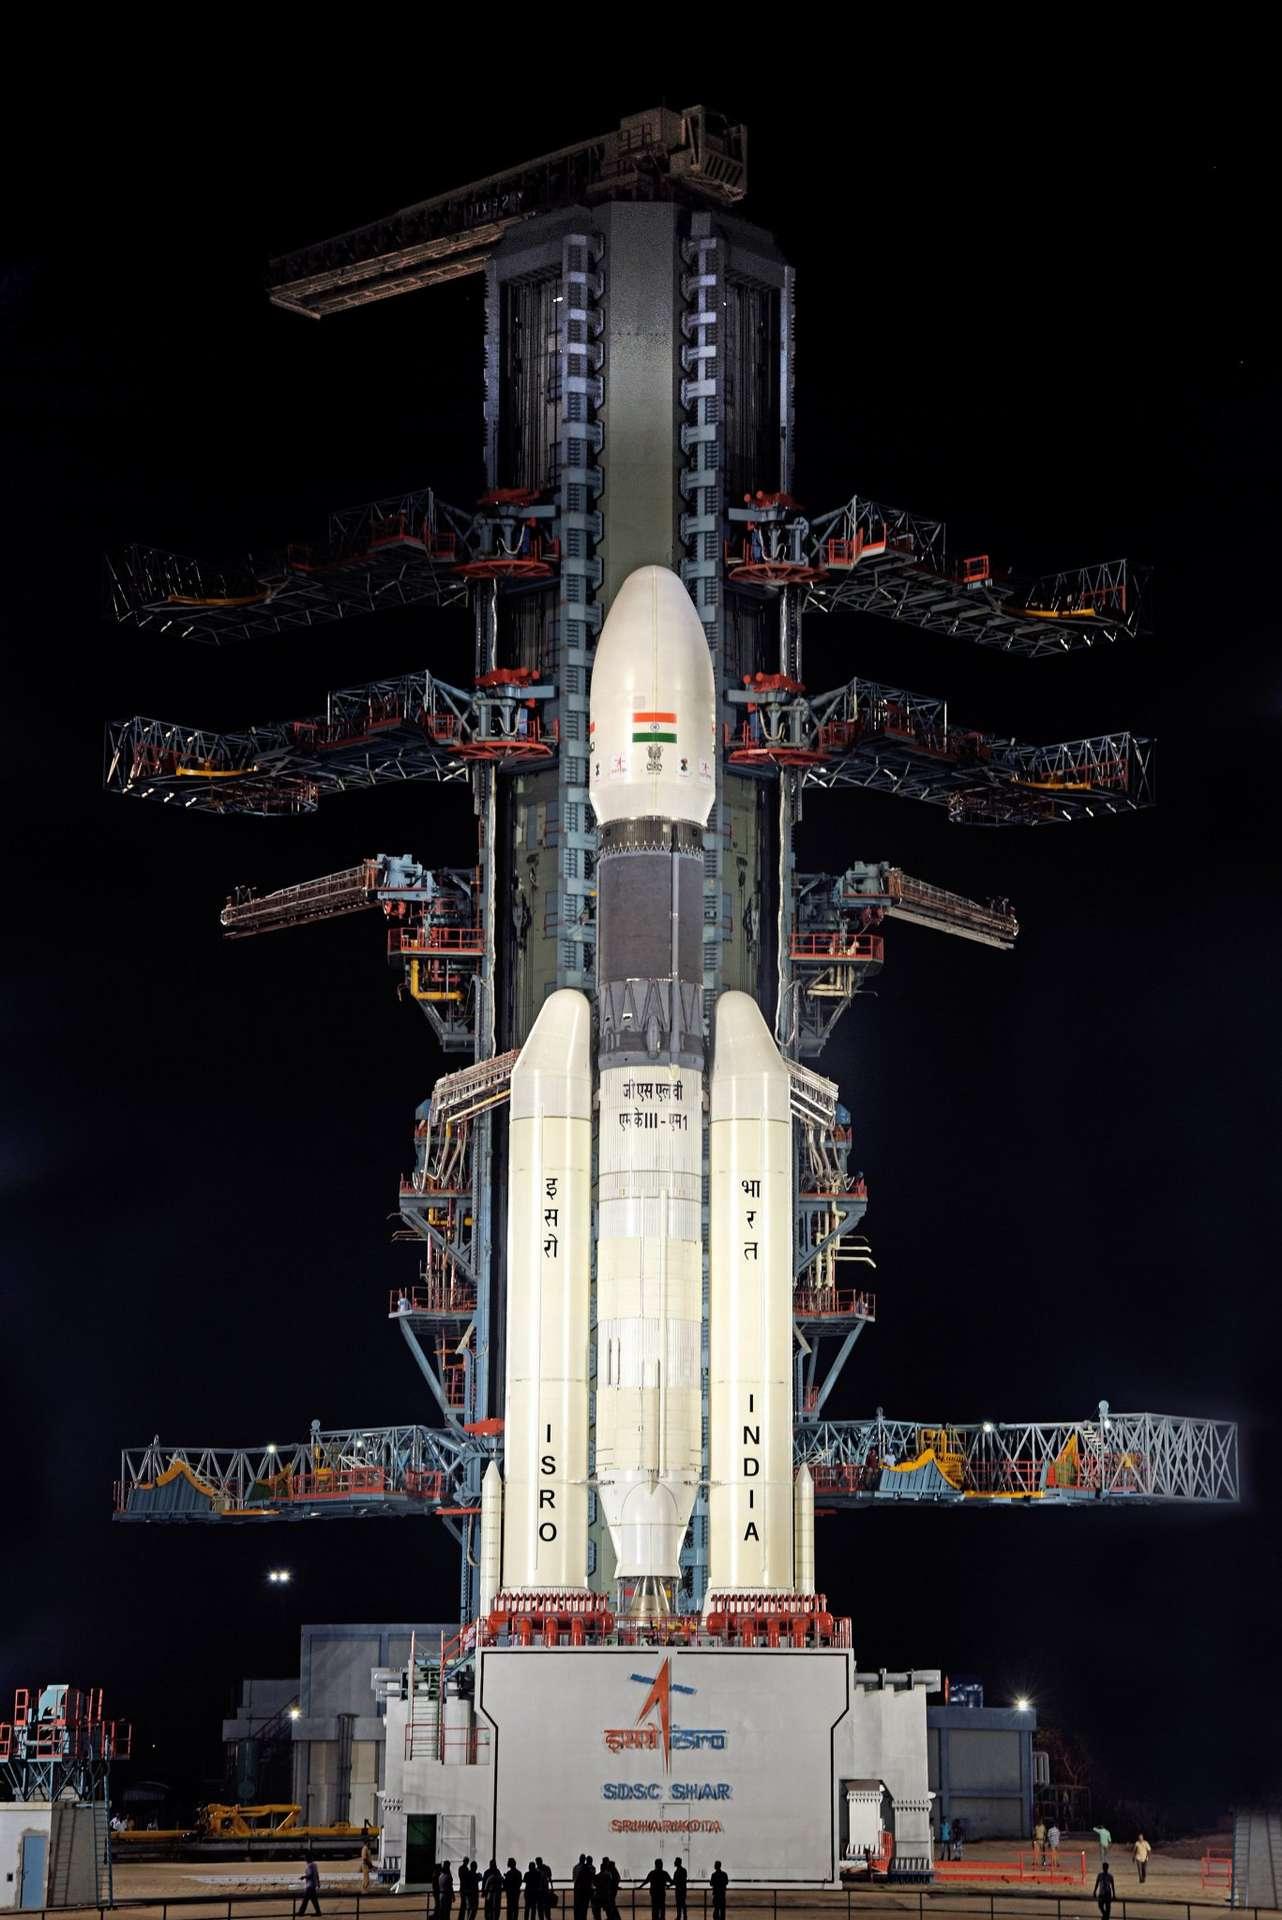 La fusée indienne GSLV-MkIII sur le pas de tir le 14 juillet 2019, à quelques heures du lancement de Chandrayaan-2, avant que celui-ci ne soit annulé au dernier moment. © ISRO